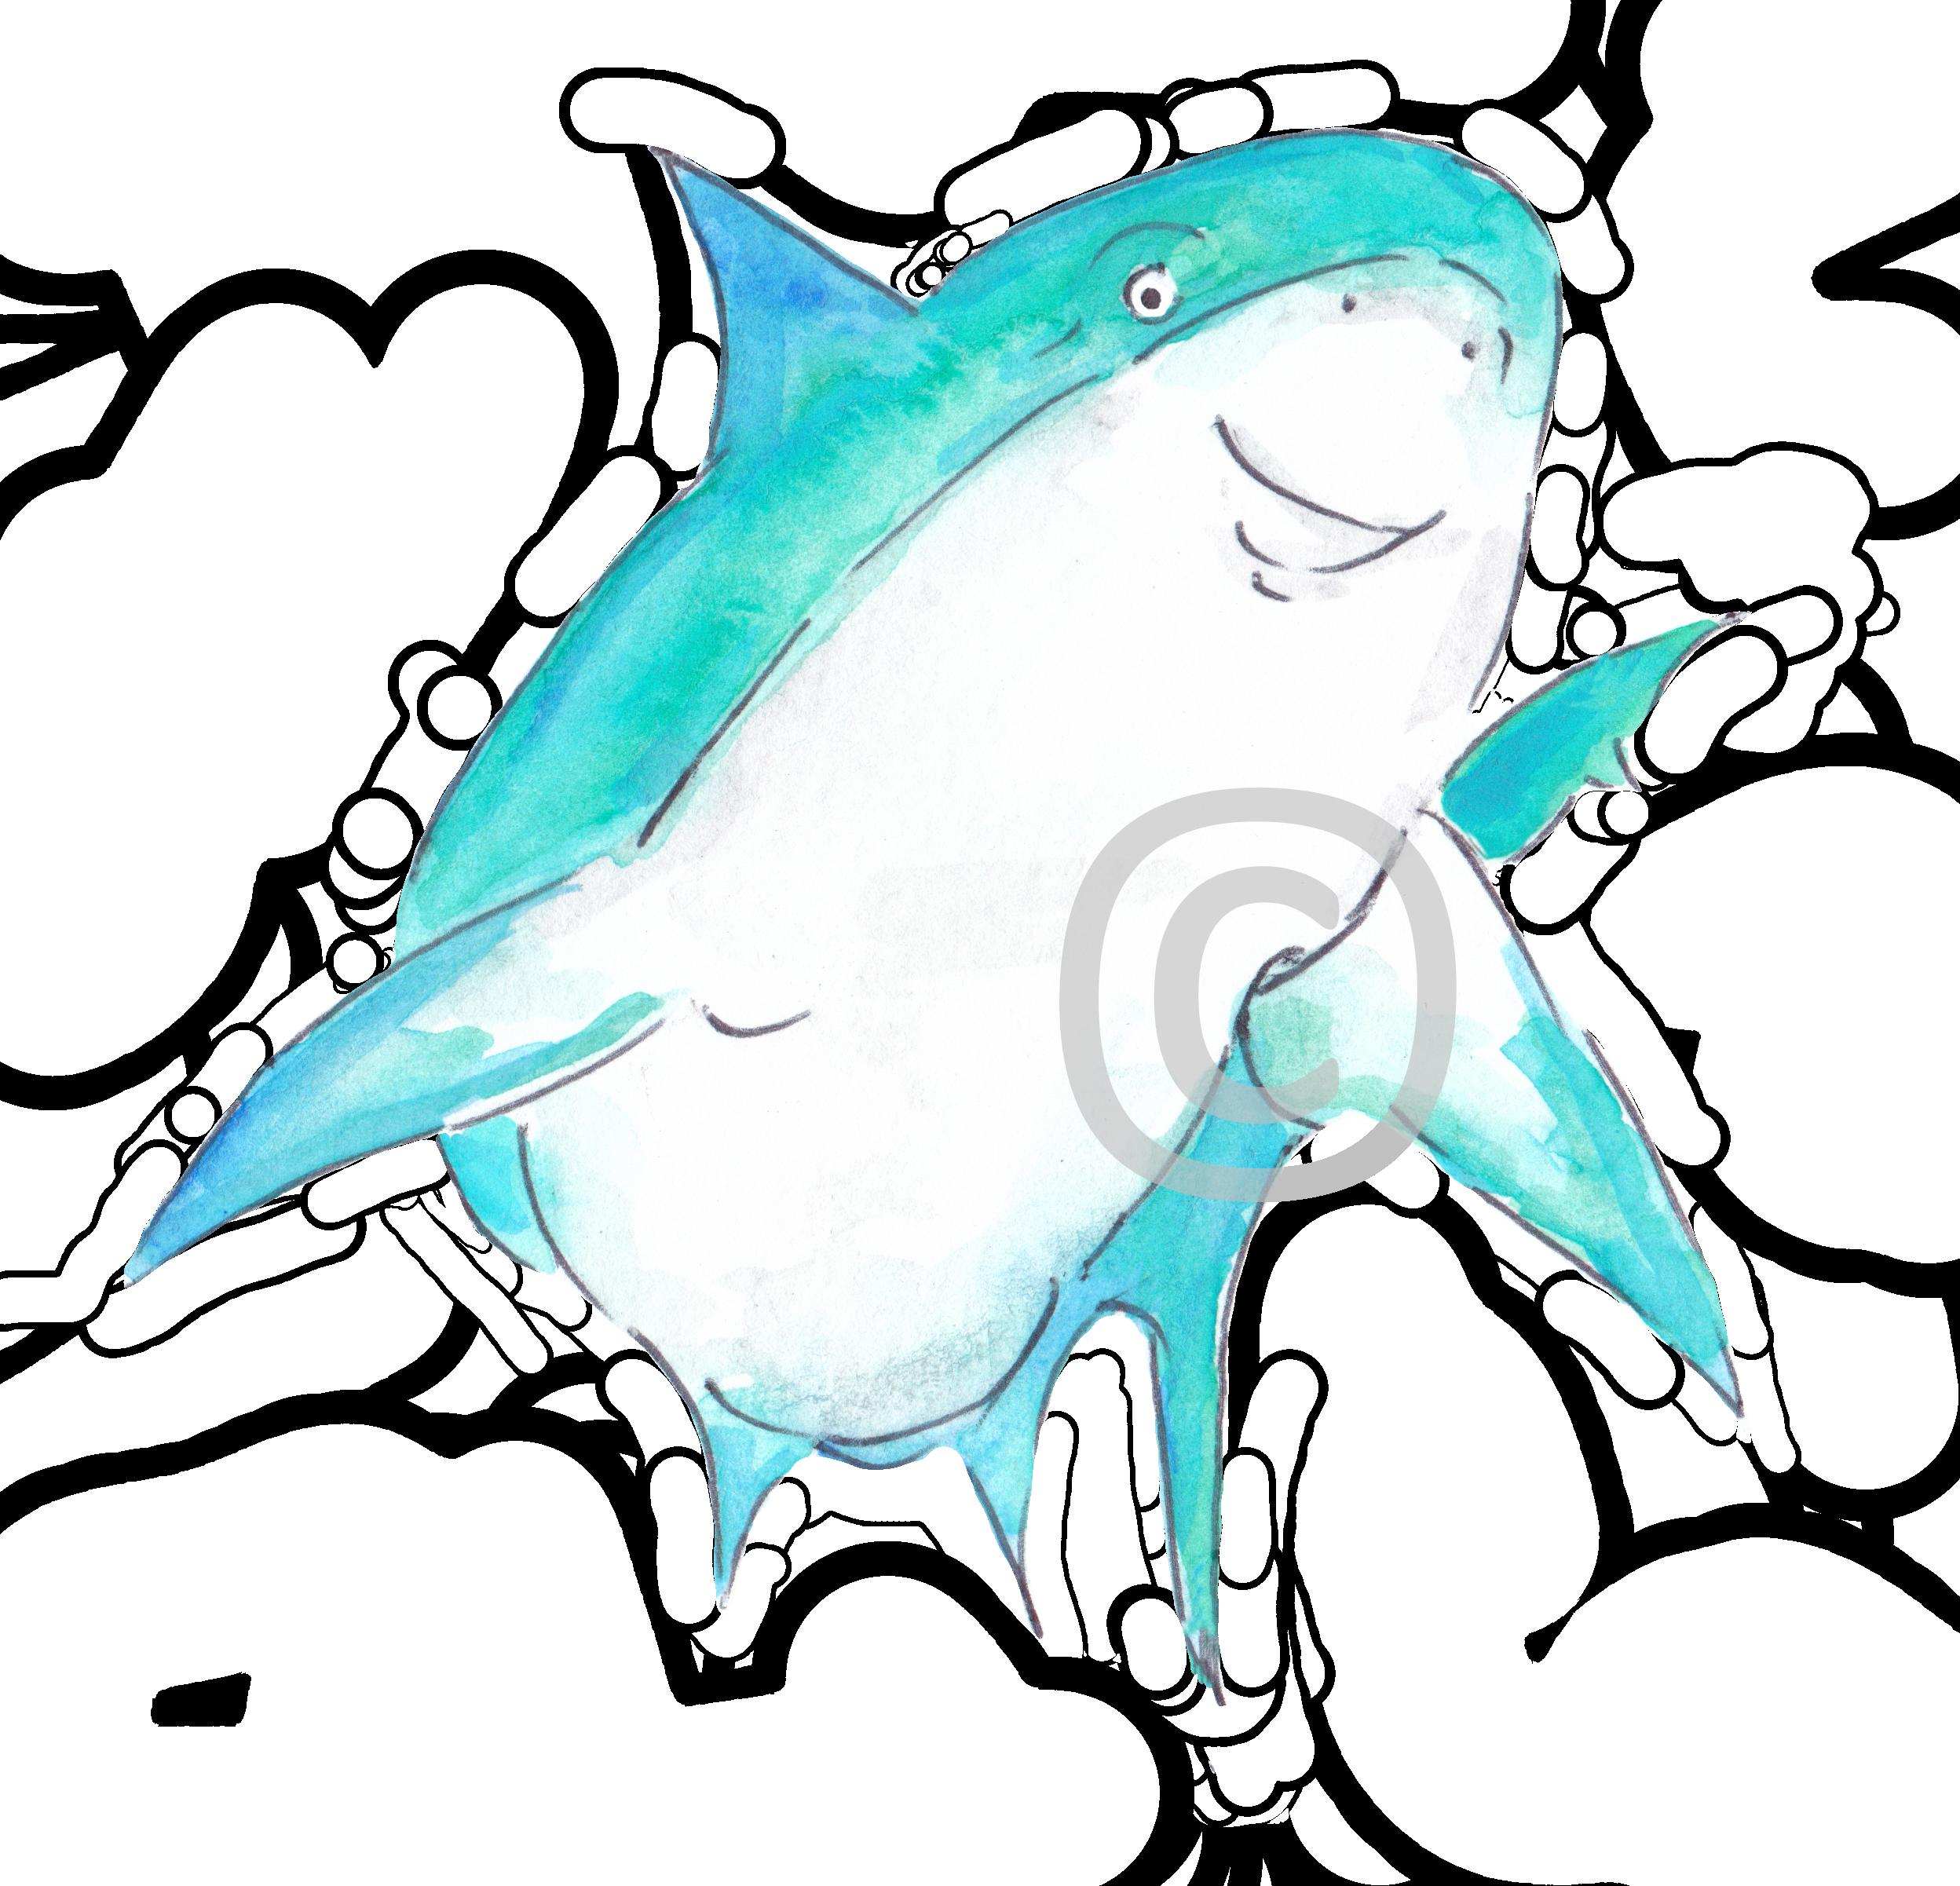 Logos, Mascots and more - Meet Shark Conservation Cayman's (https://www.sharkconservationcayman.com) mascot, ''Ruben the Reef Shark!''